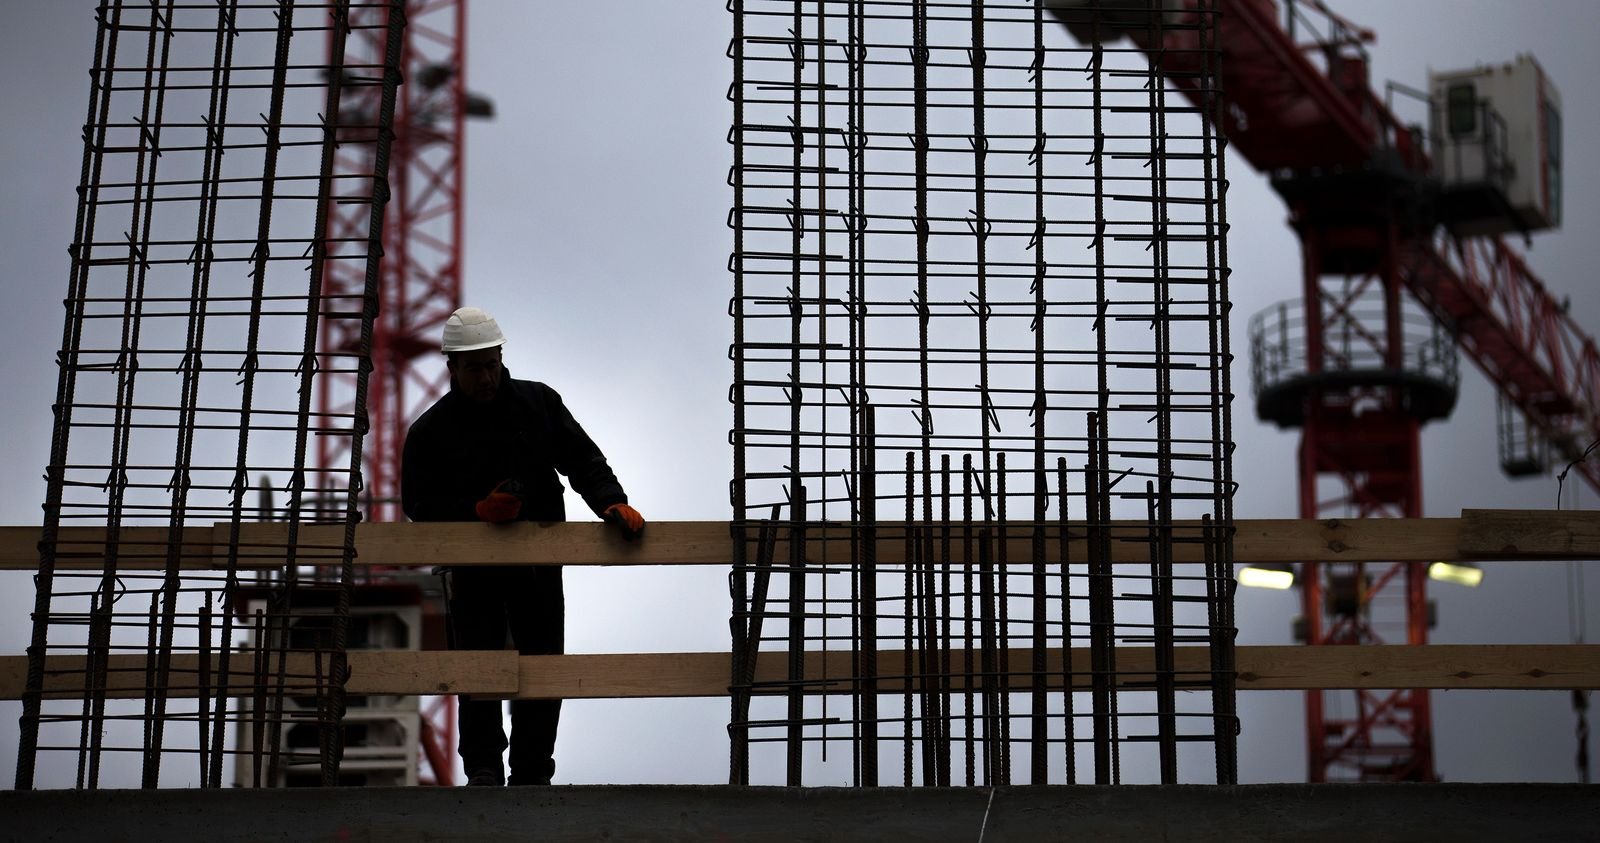 Baustelle / Bauarbeiter / Kran / Mindestlohn